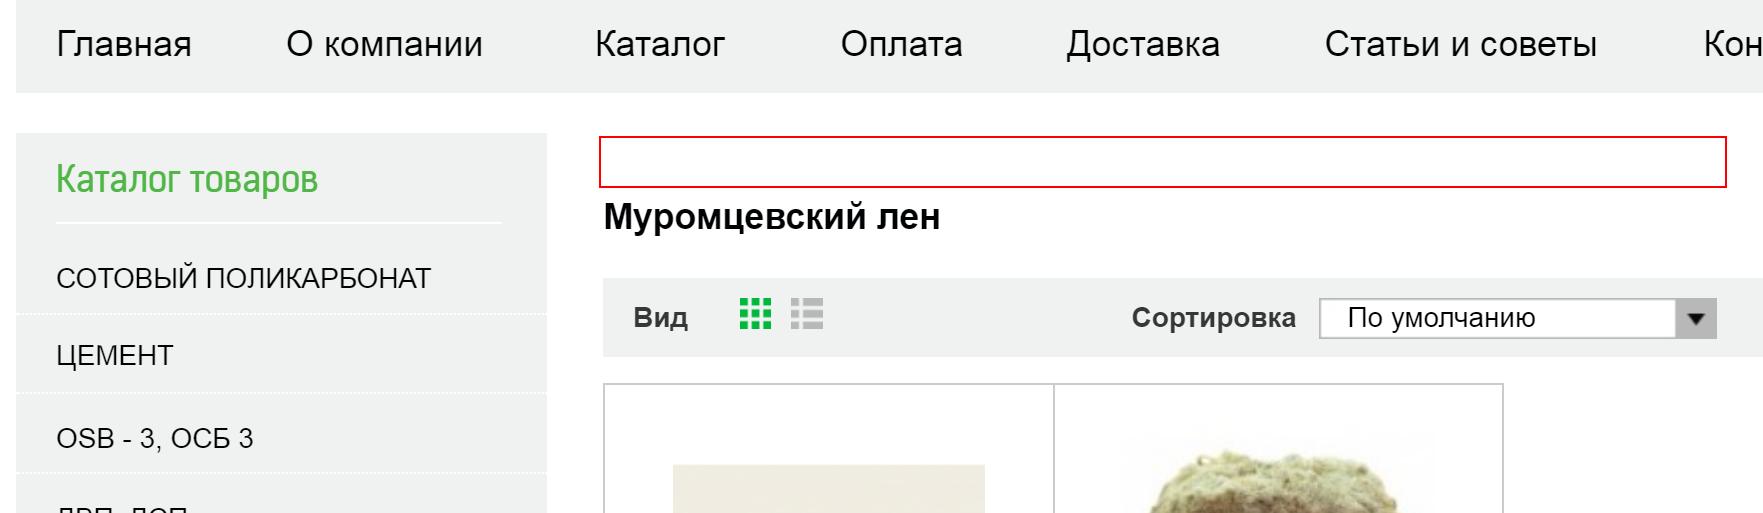 Не работает вспомогательная навигация на сайте